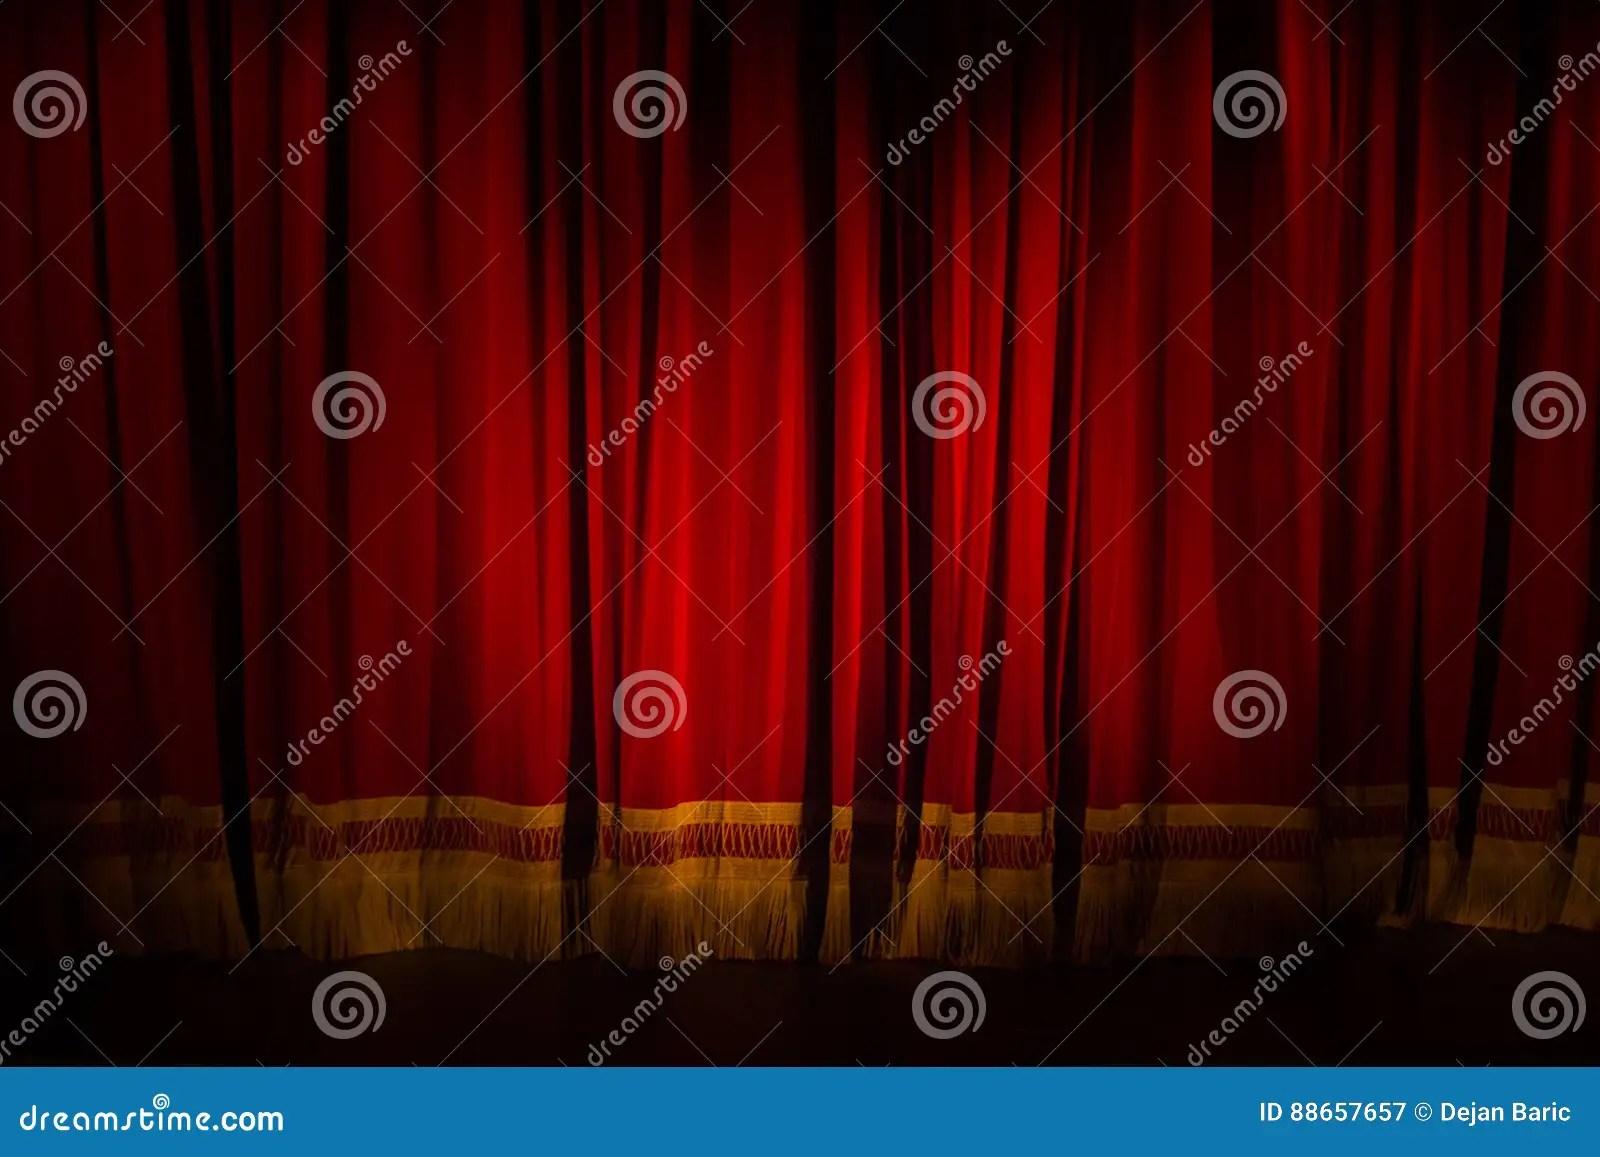 zagreb croatie marche 14 2017 rideau rouge abaisse en theatre a image stock image du rouge croatie 88657657